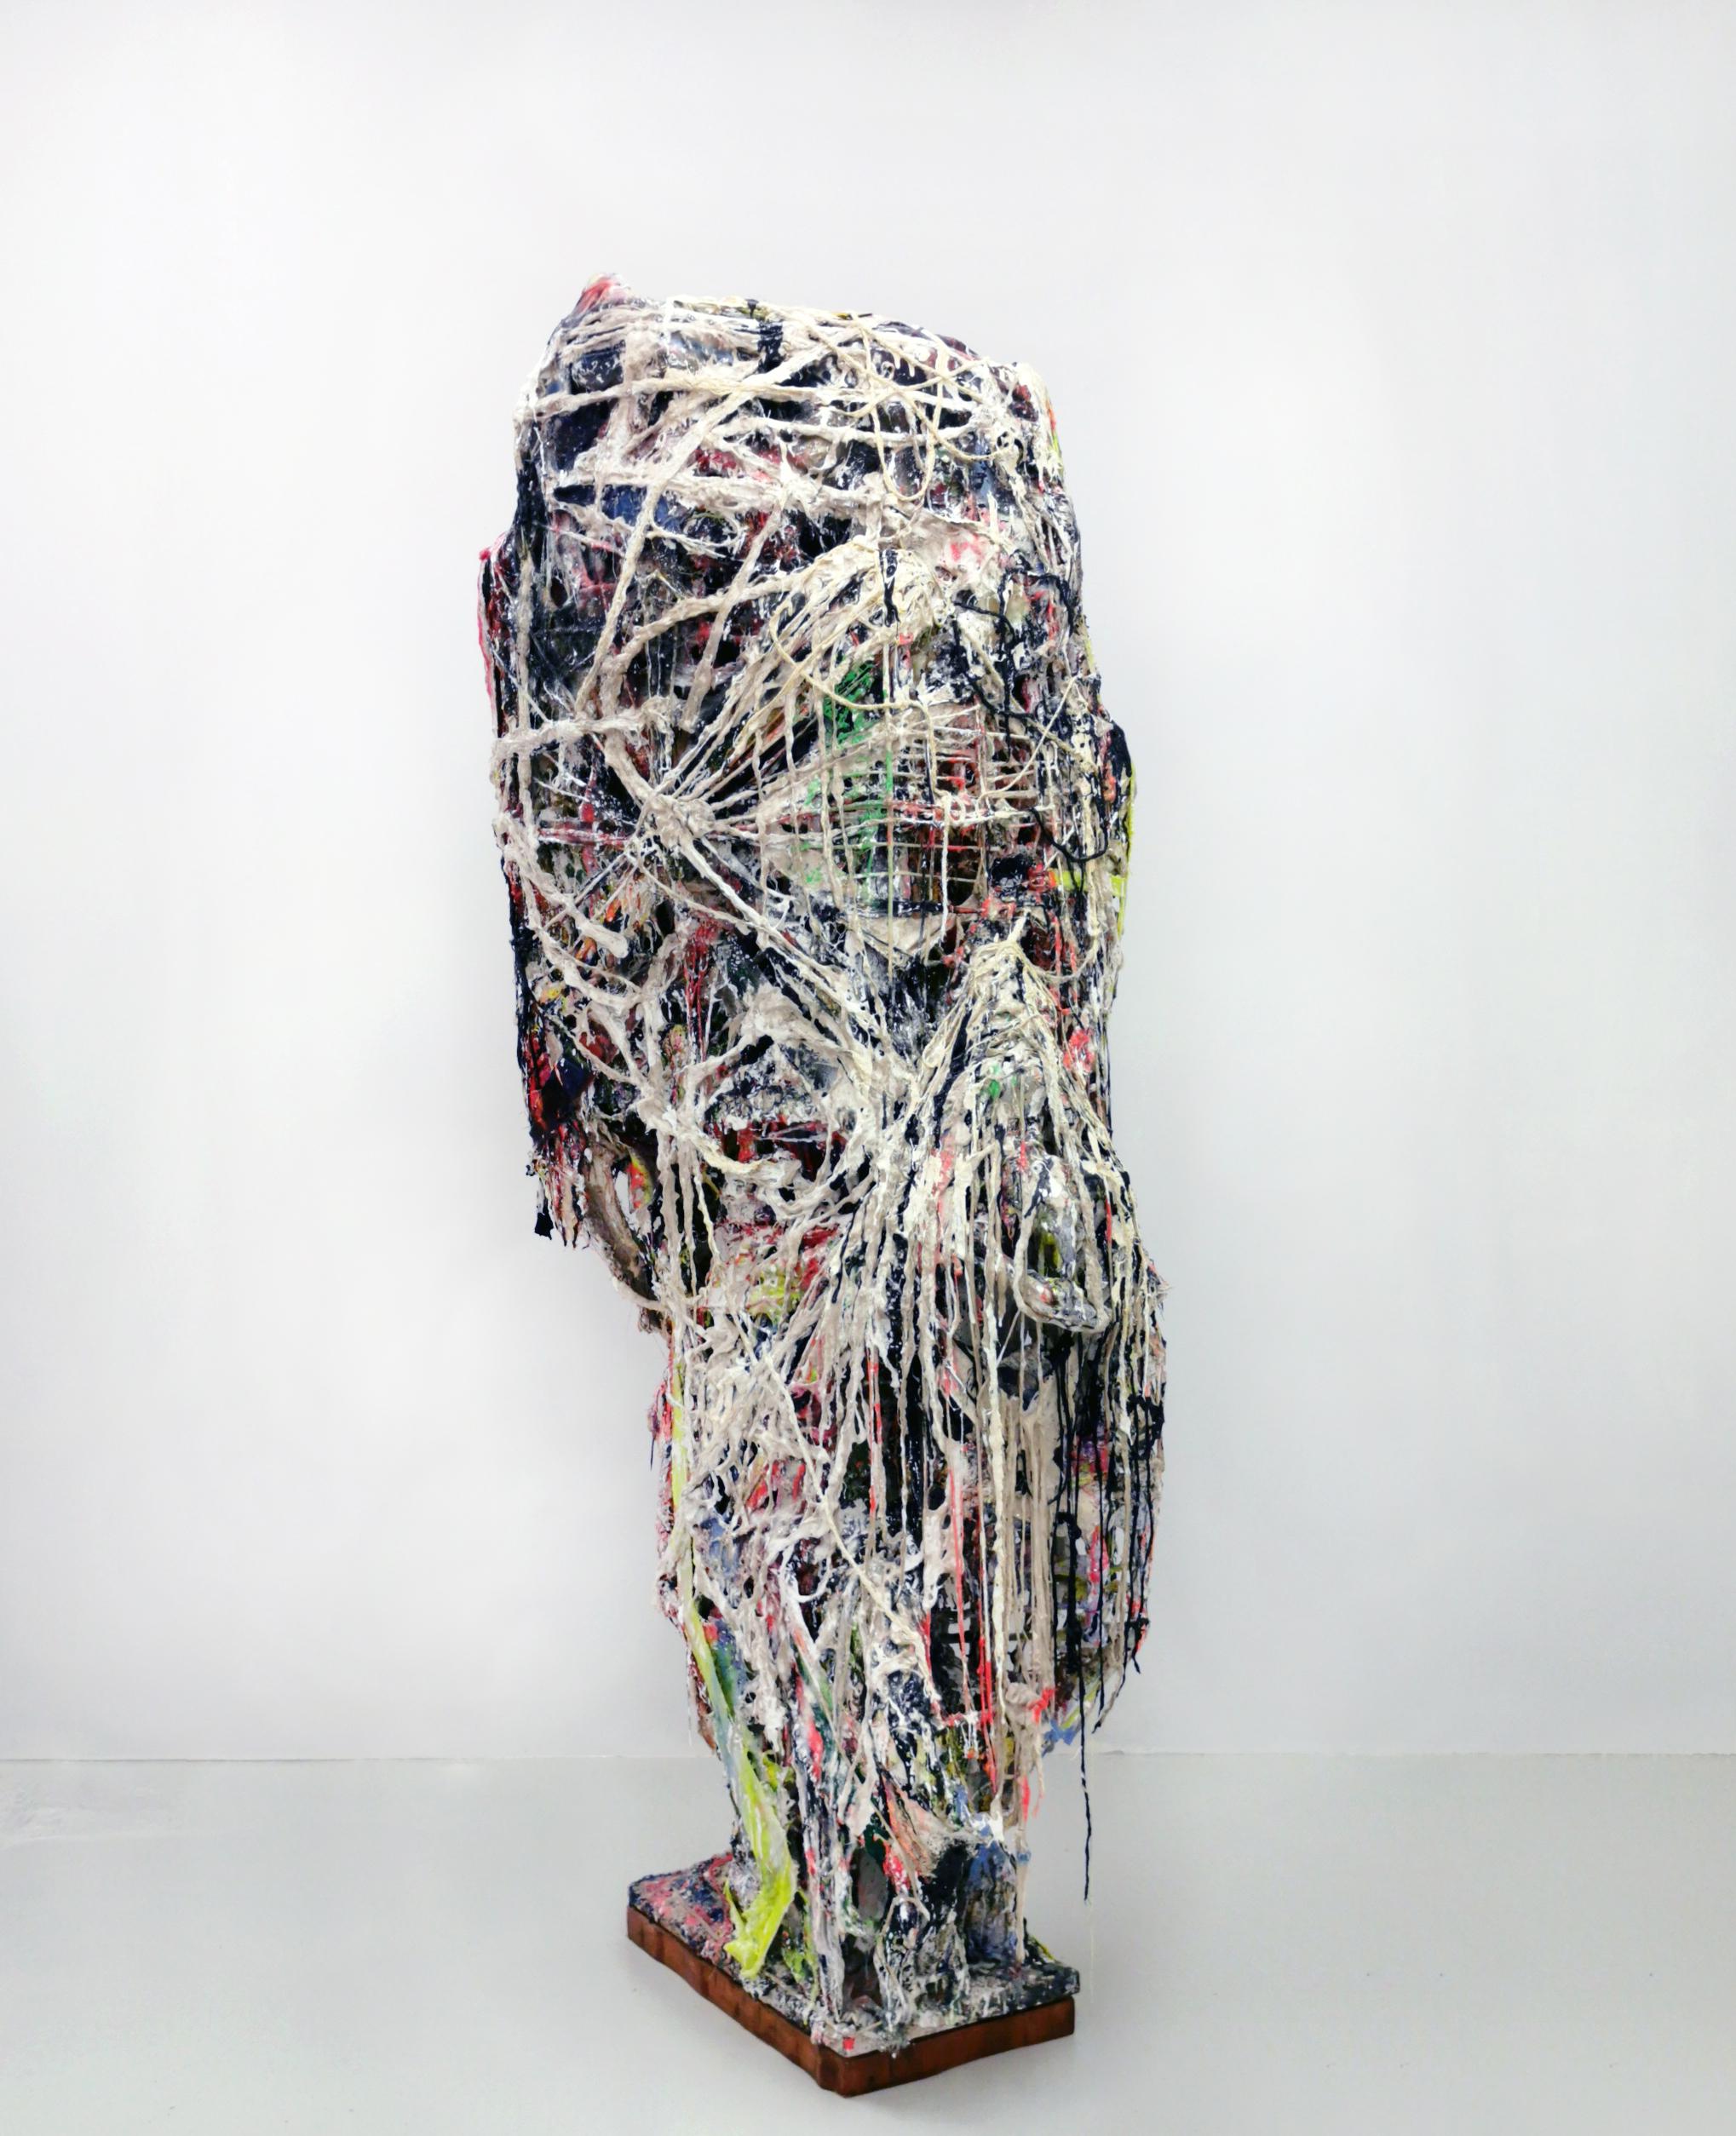 """Jakob Westberg, """"Dummynr.13(z)"""", 2020. Plaster, concrete, textiles, acrylics, pigments, 188 x 67 x 58 cm plaster, concrete, textiles, acrylics, pigments, glue,glitter,epoxy, jute, glassfiber"""